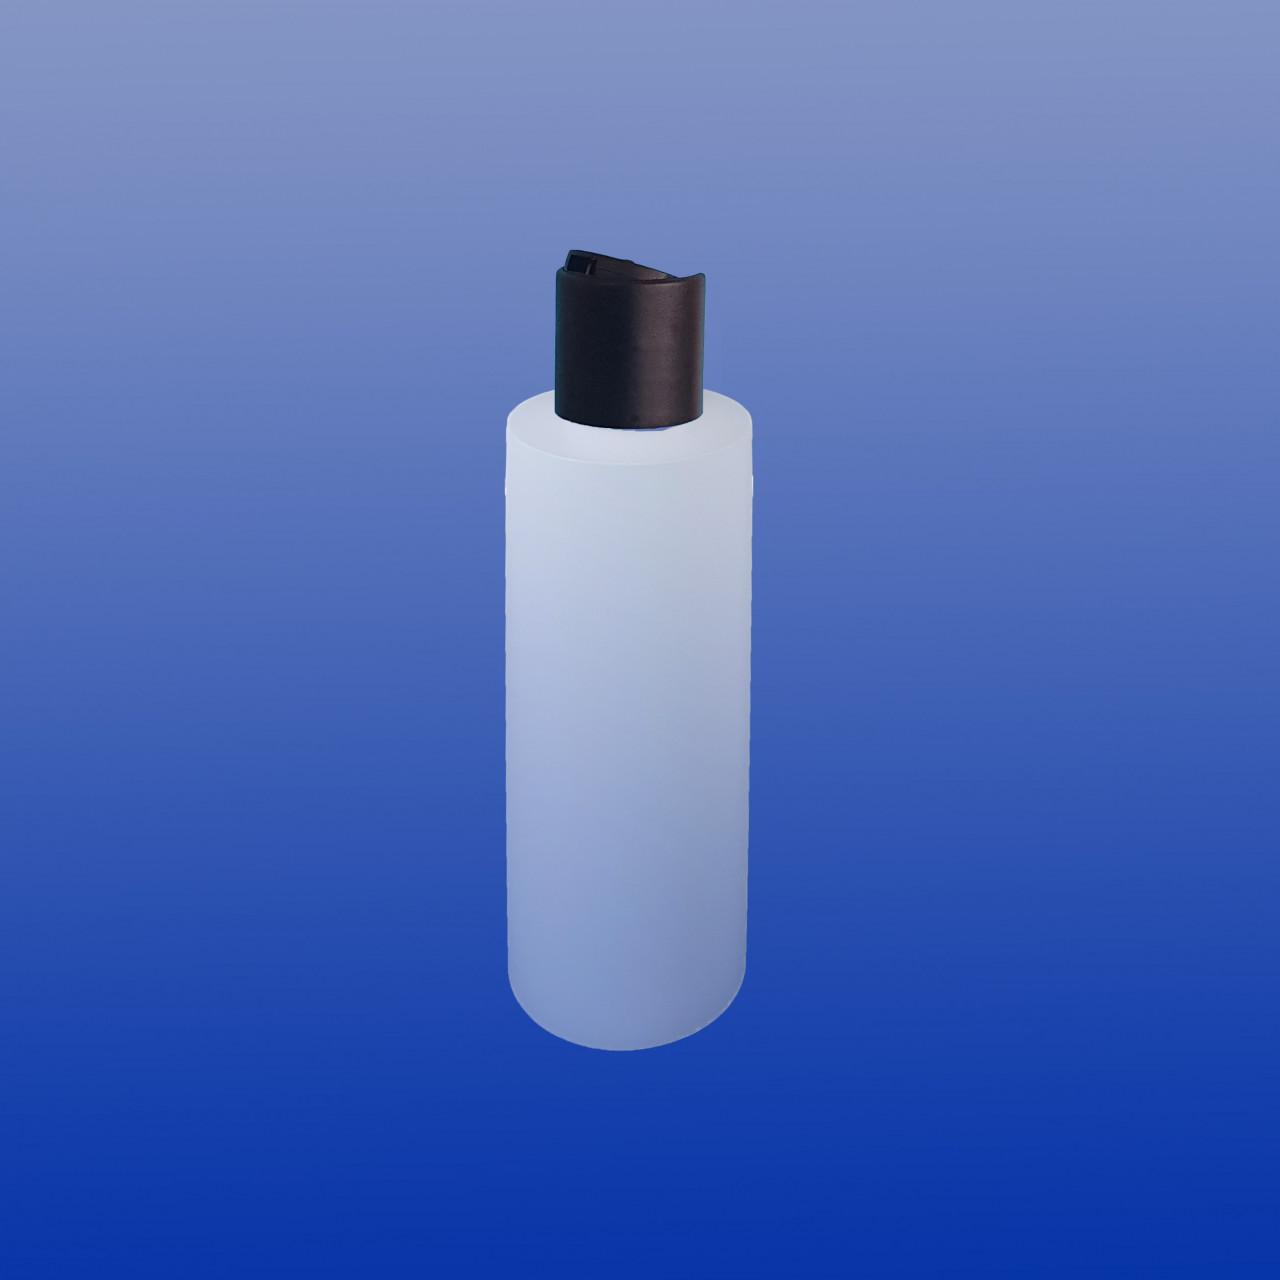 Rundflasche 200 ml |mit Disctop-Verschluss